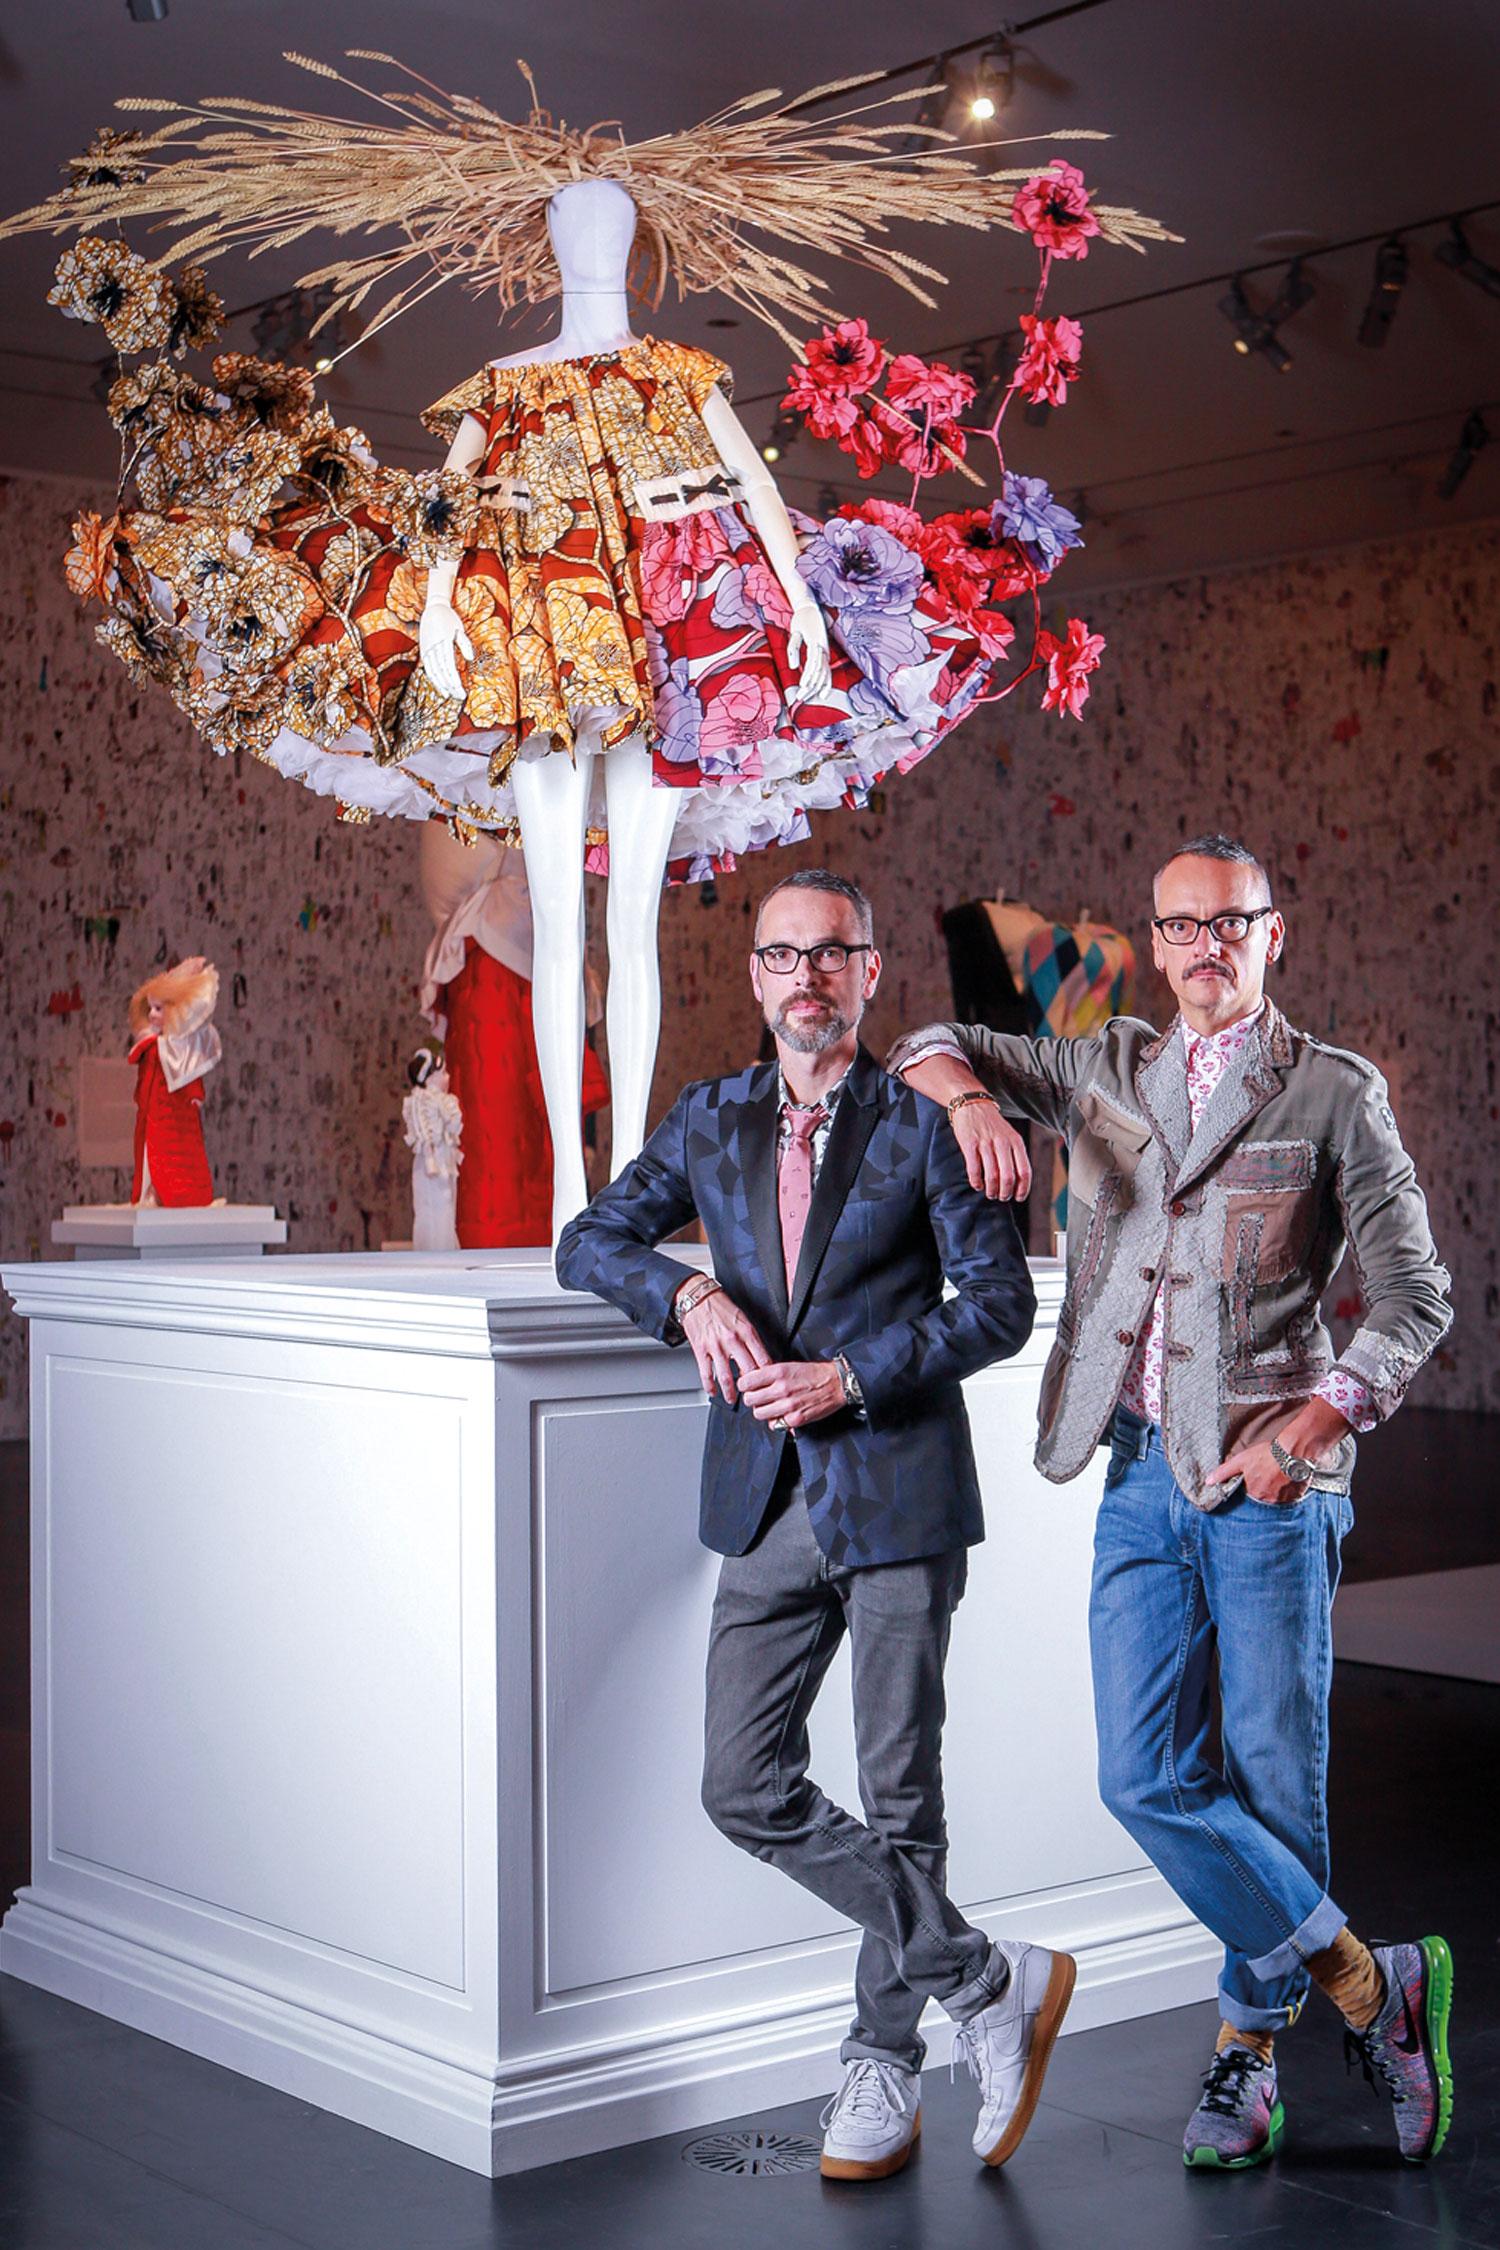 Viktor Horsting and Rolf Snoeren